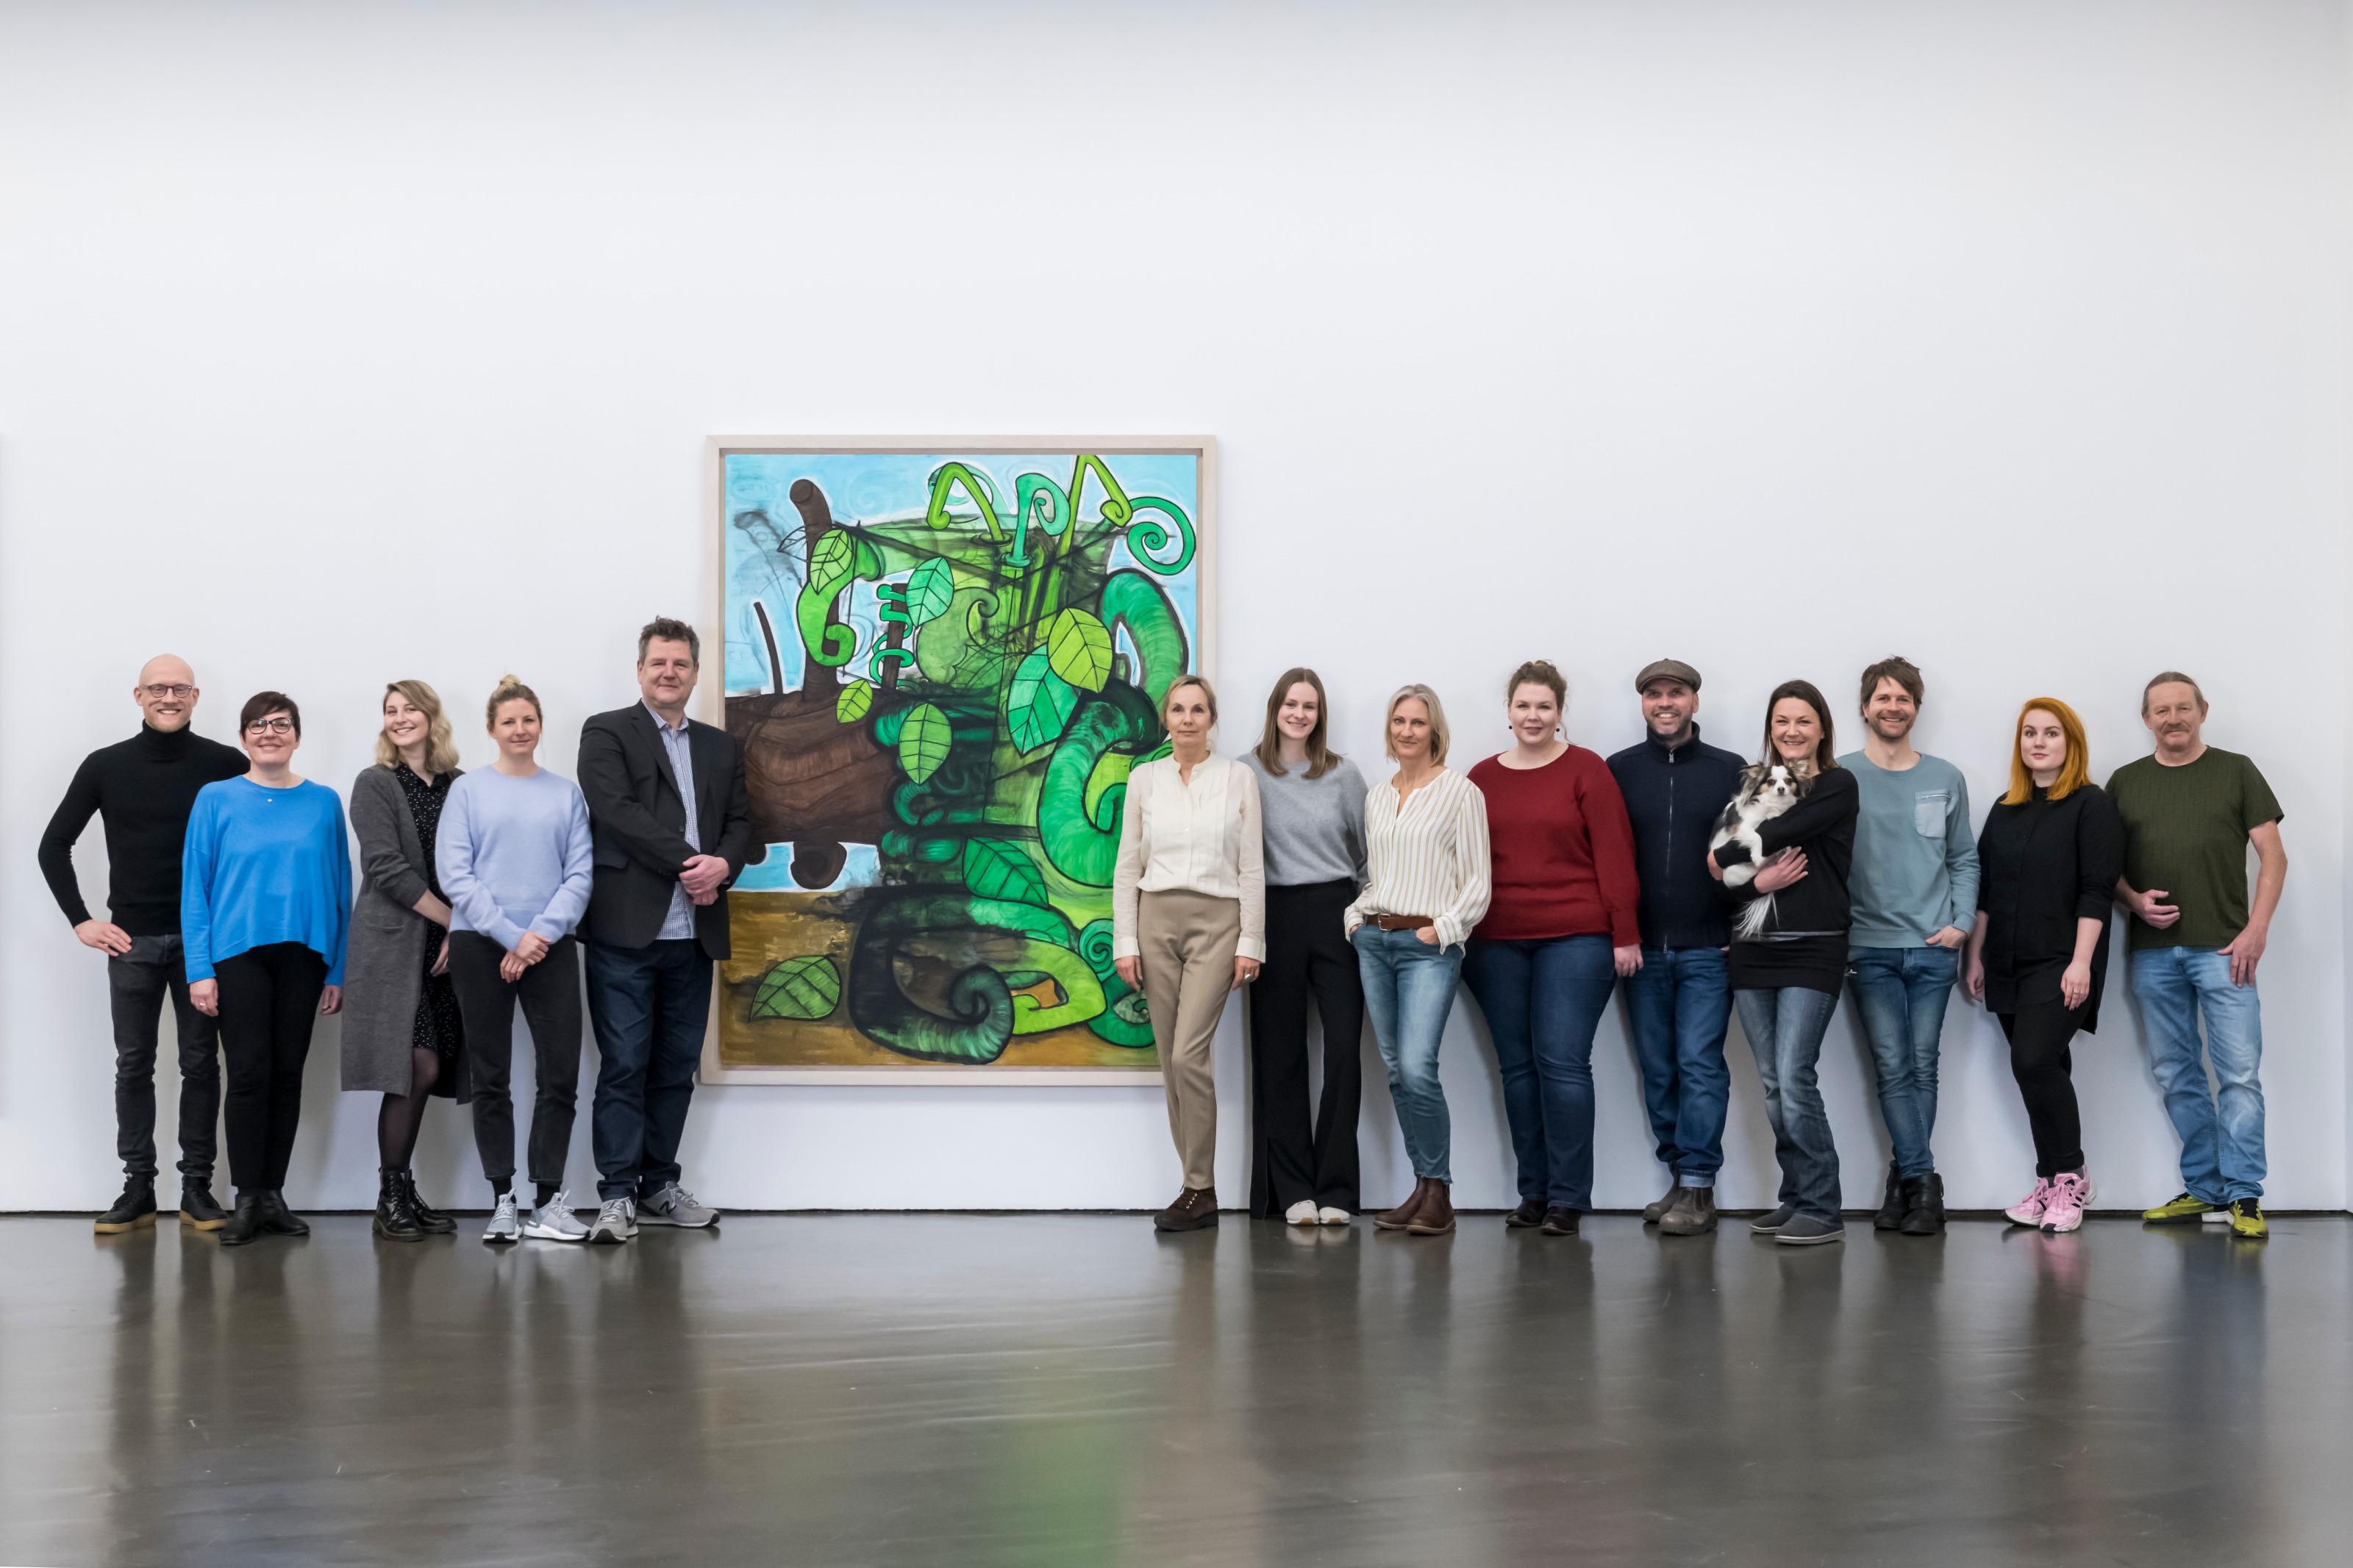 Team Kunsthalle Dusseldorf